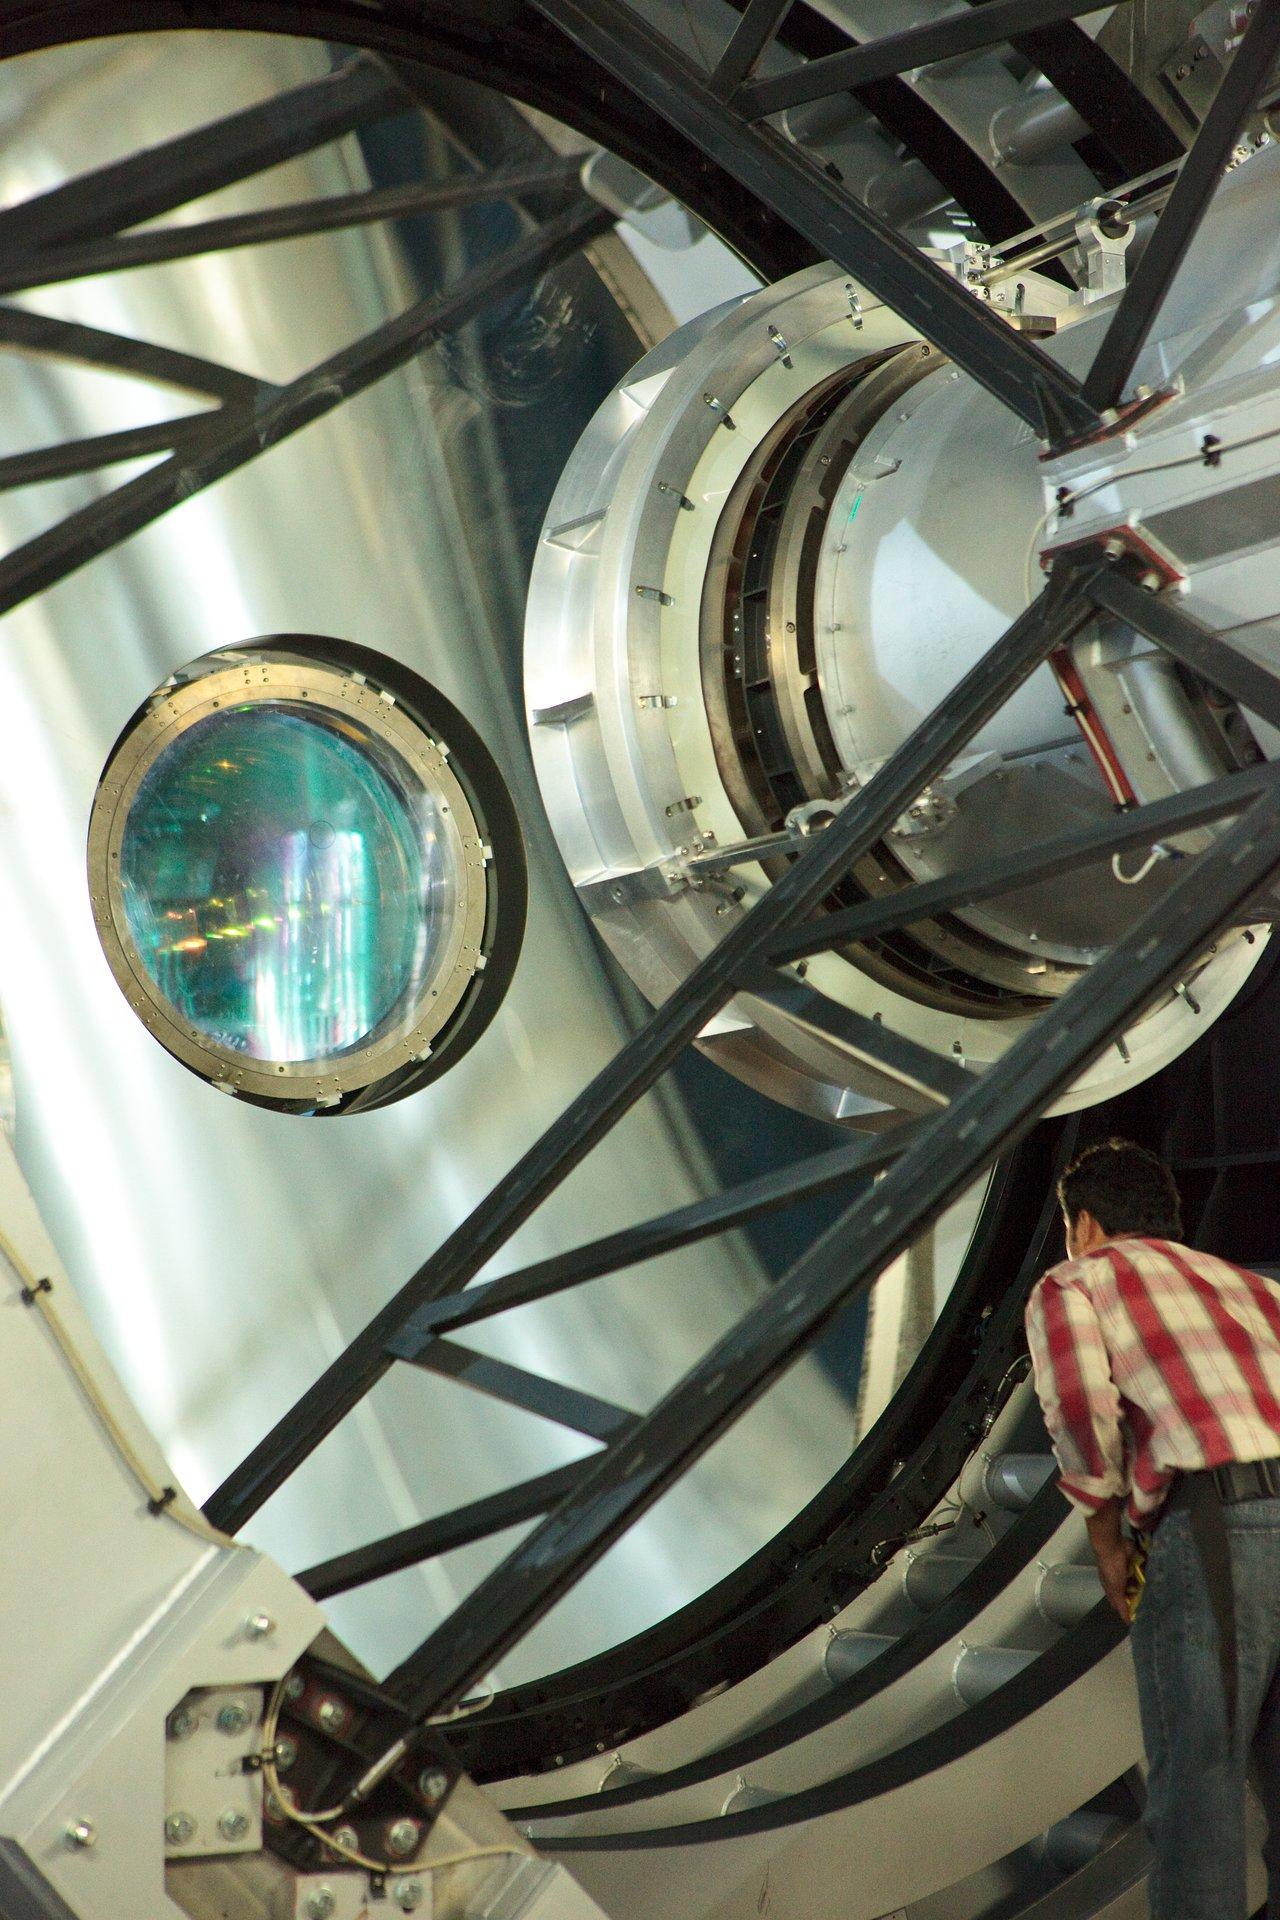 Installation of the VISTA Camera